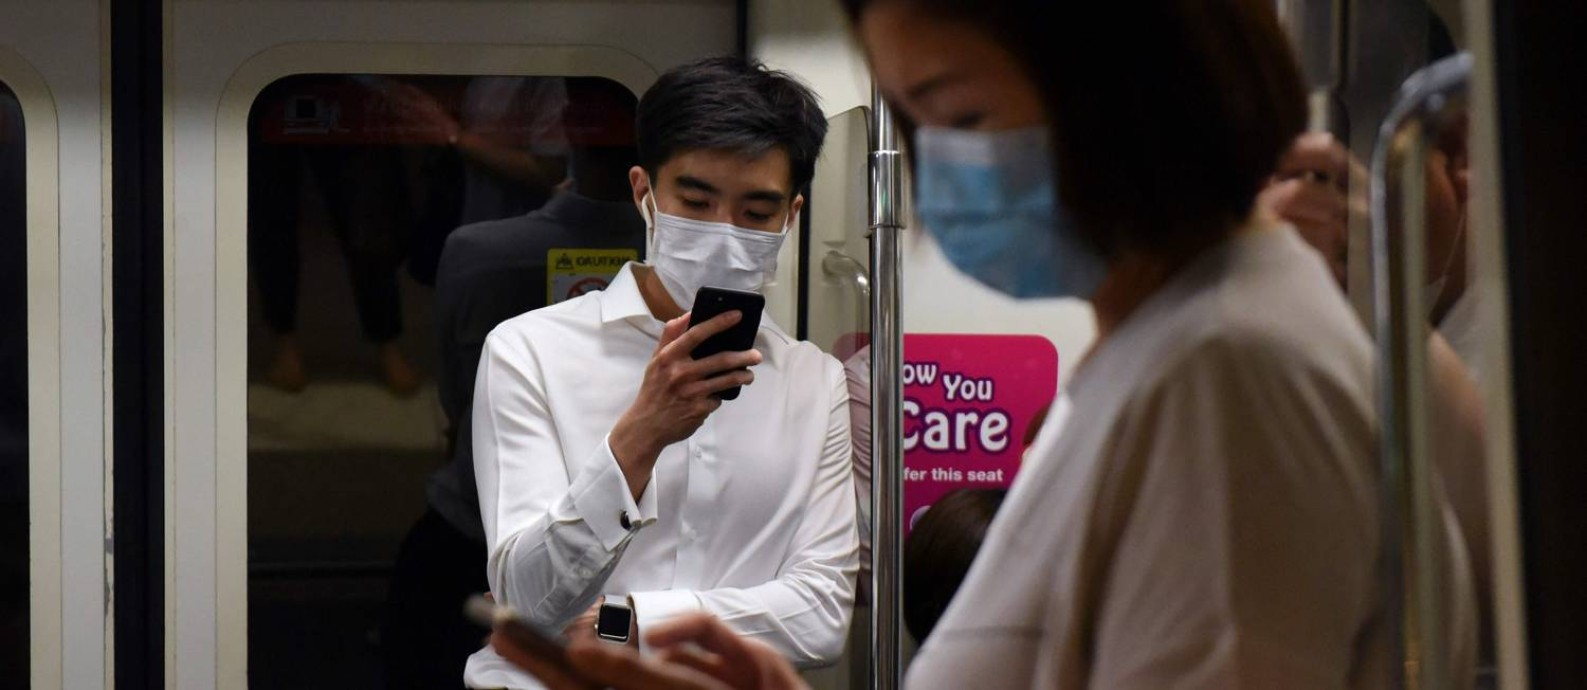 Usuários dos trens rápidos de Cingapura usam máscaras para se proteger da Covid-19 Foto: CATHERINE LAI / AFP